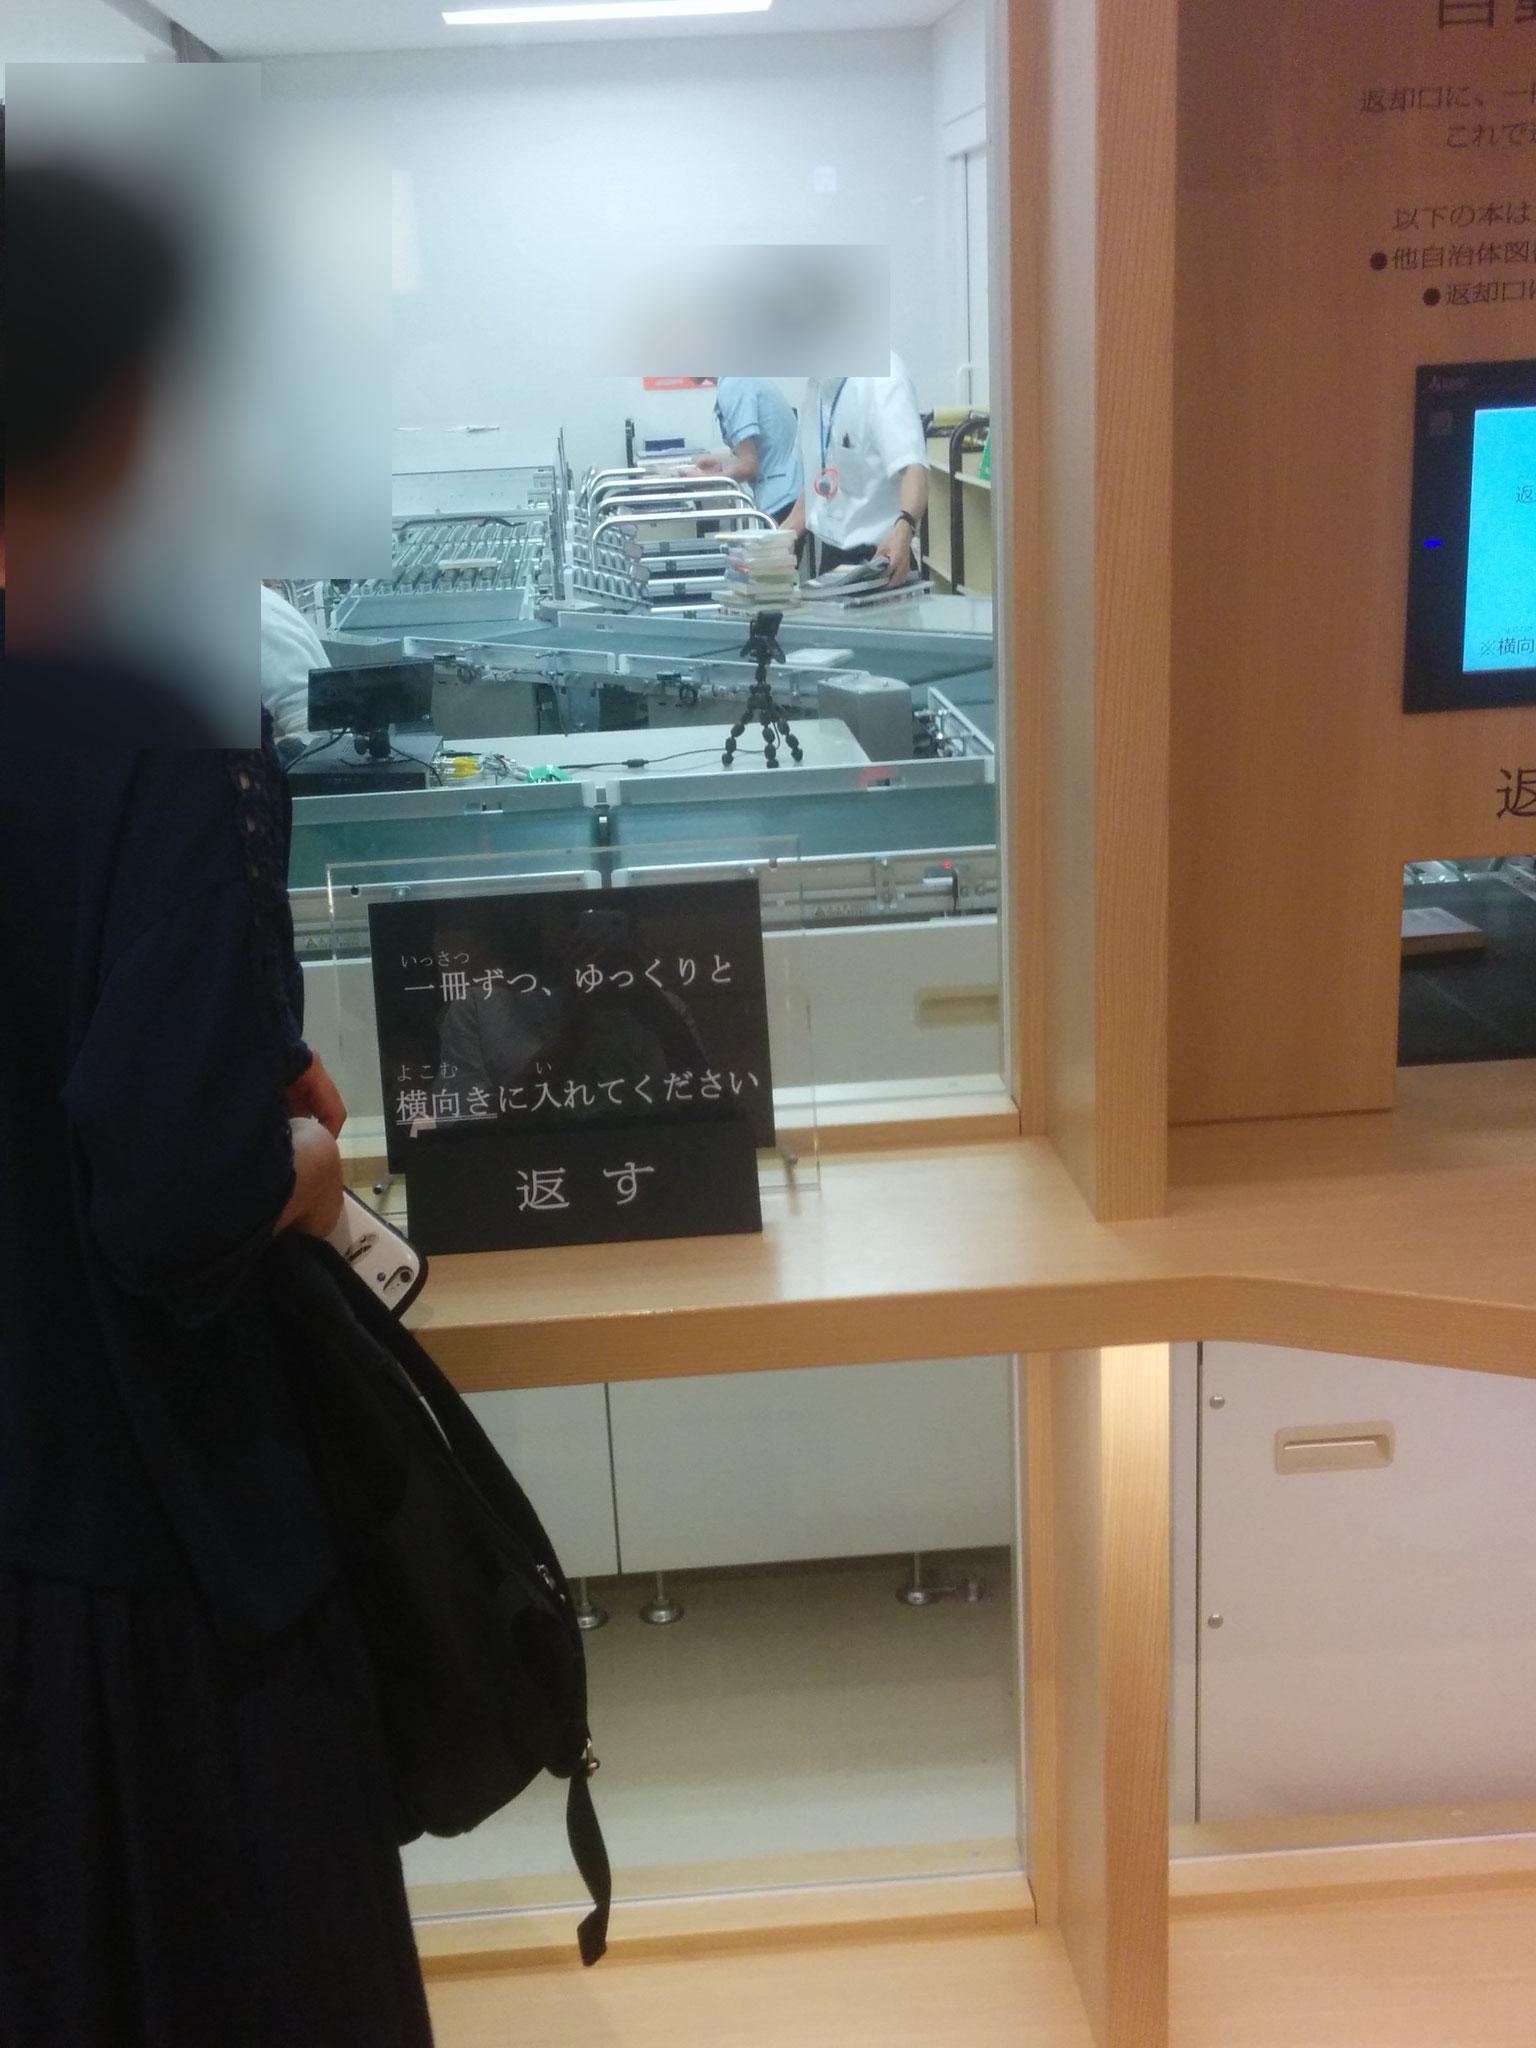 6 Yamato Library - book return machine